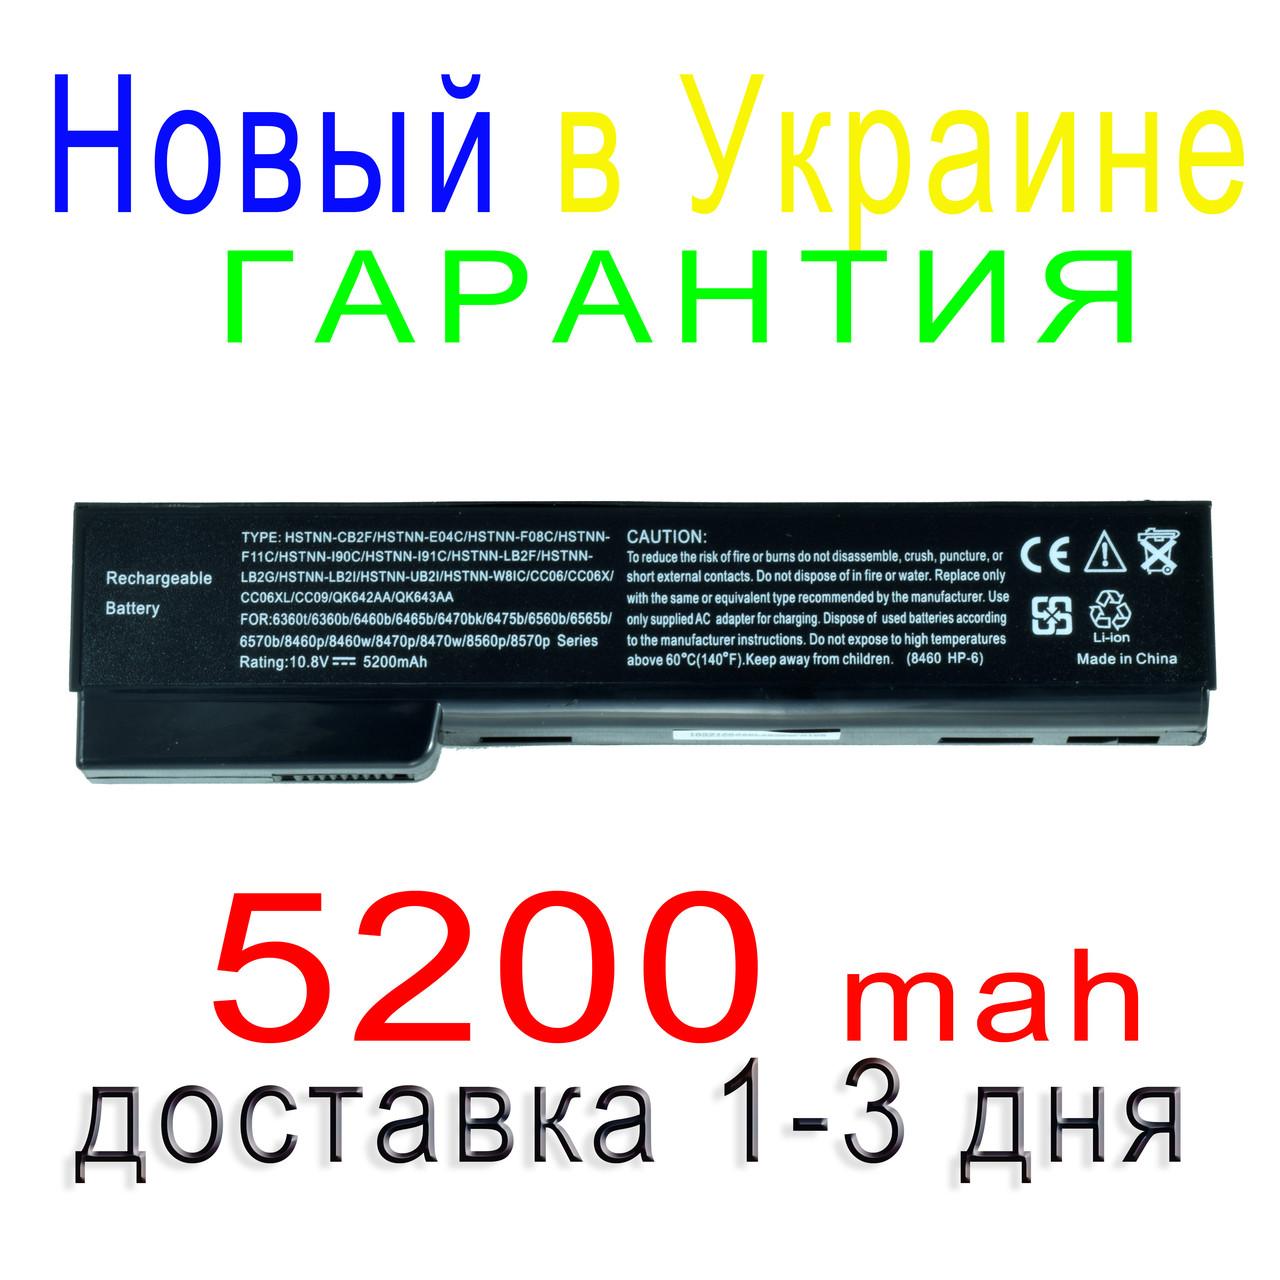 Аккумулятор батарея HP HSTNN-LB2G HSTNN-LB2I HSTNN-UB2I HSTNN-W81C QK642AA QK643AA